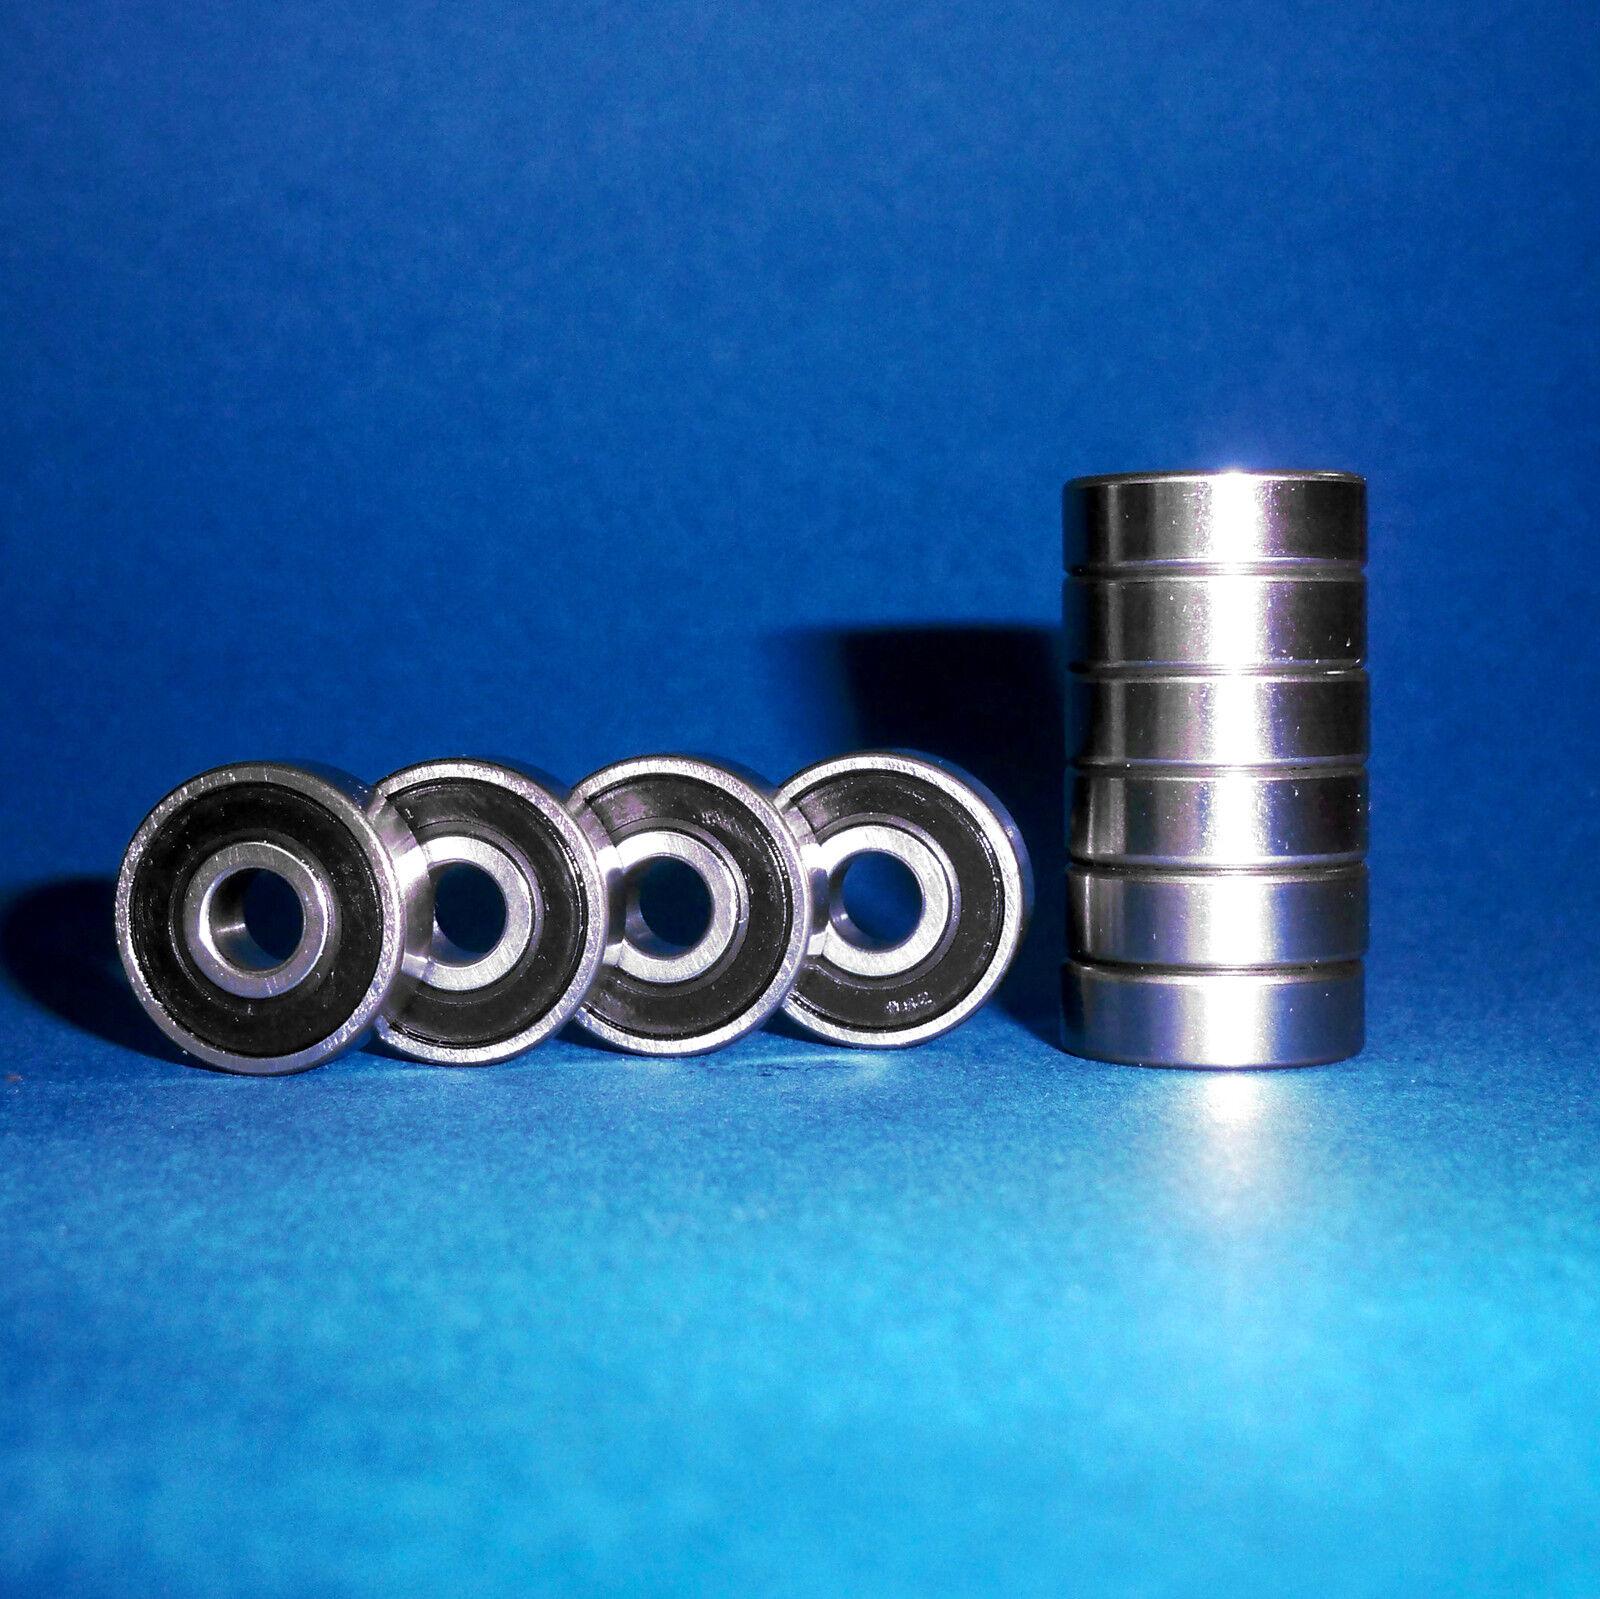 Kugellager MR105 2RS 5x10x4 mm schwarz Miniaturkugellager Rillenkugellager